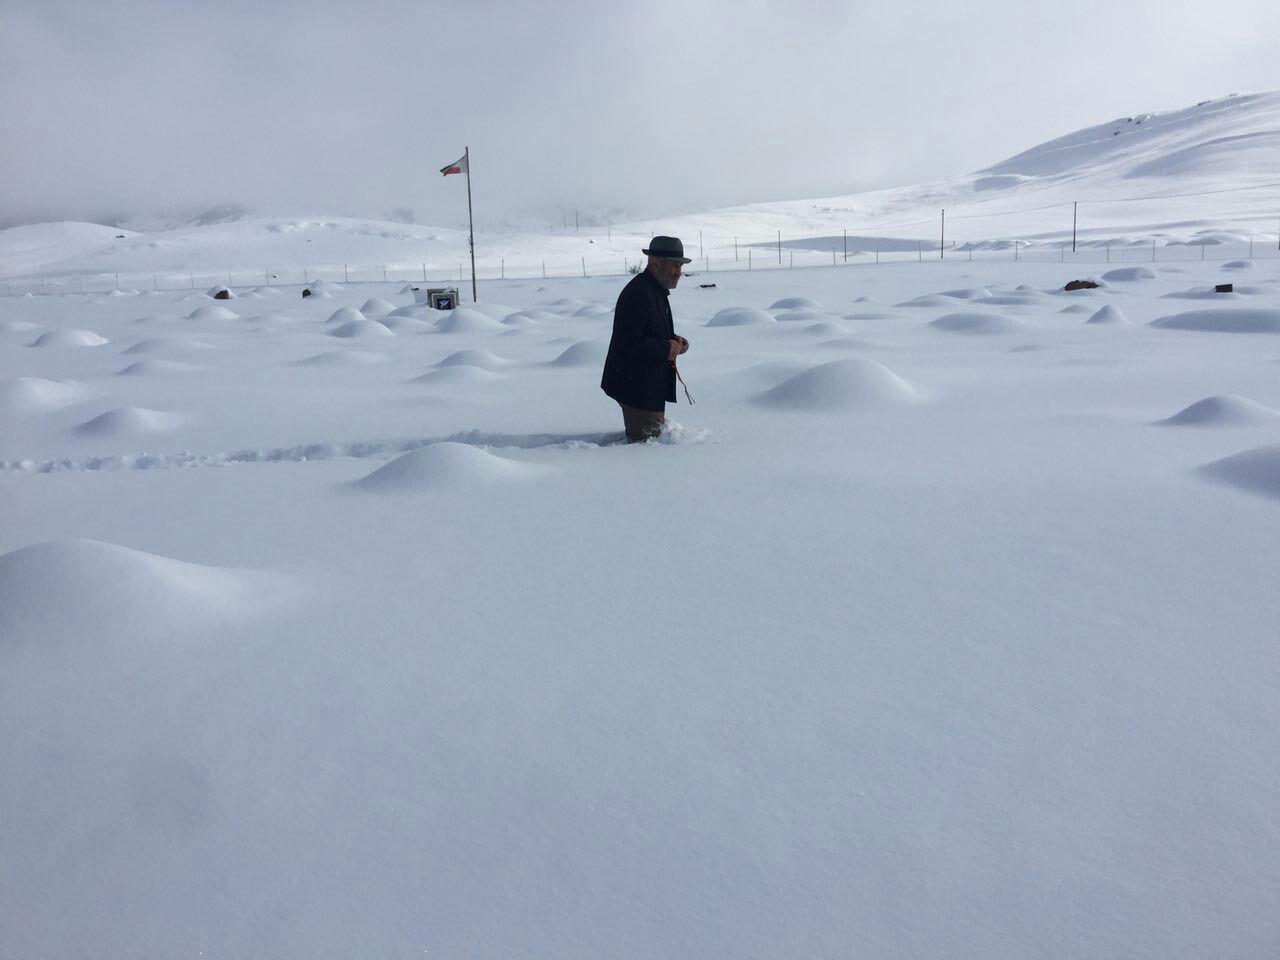 برف در قبرستان روستای سقزچی اردبیل